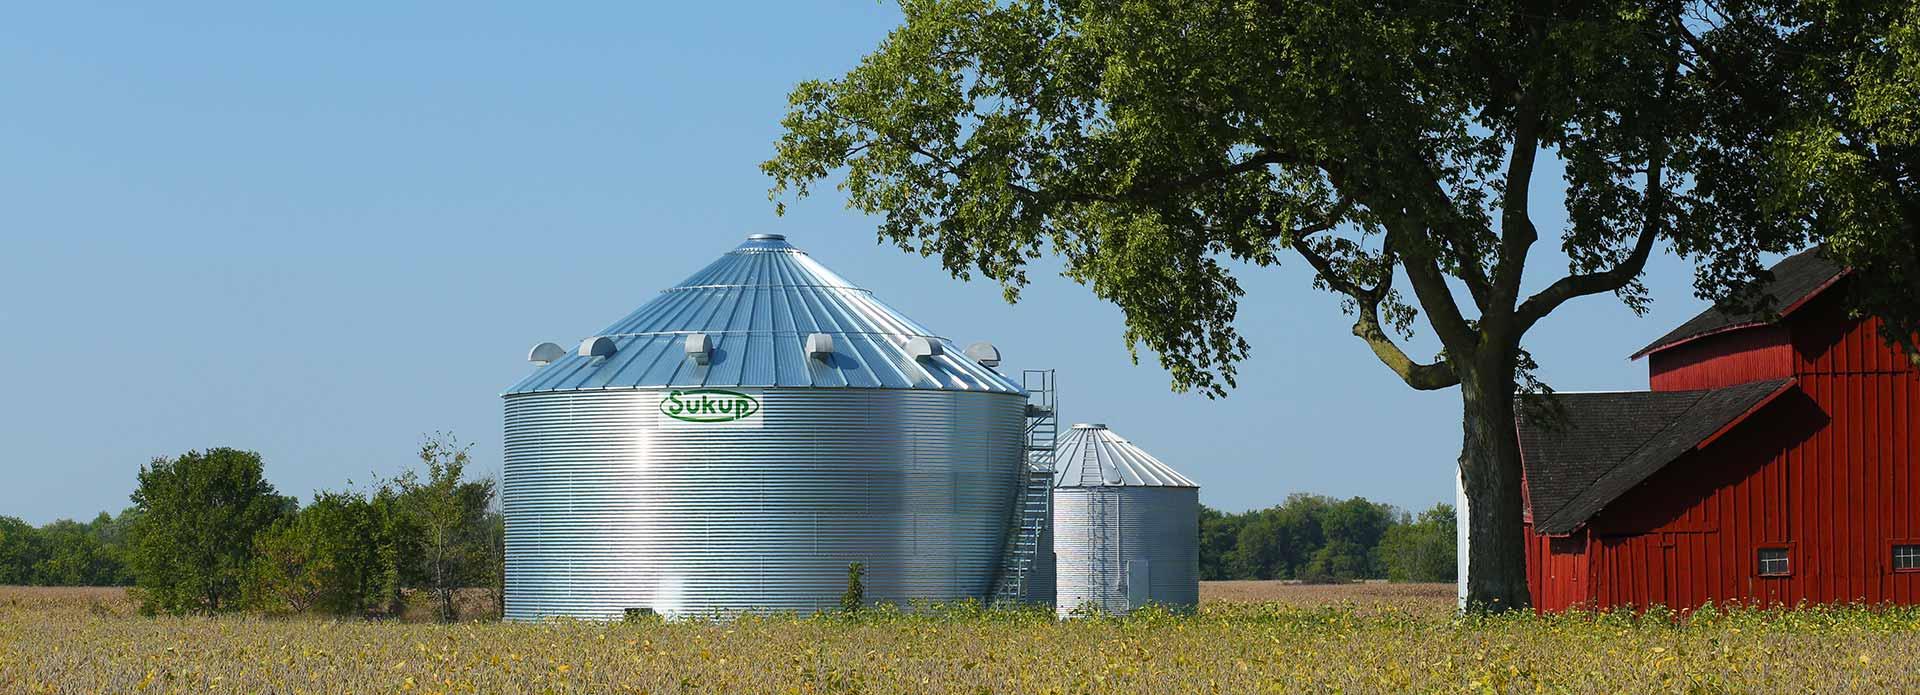 Eldon-C-Stutsman-Inc-Sukup-Grain-Bin-(1)